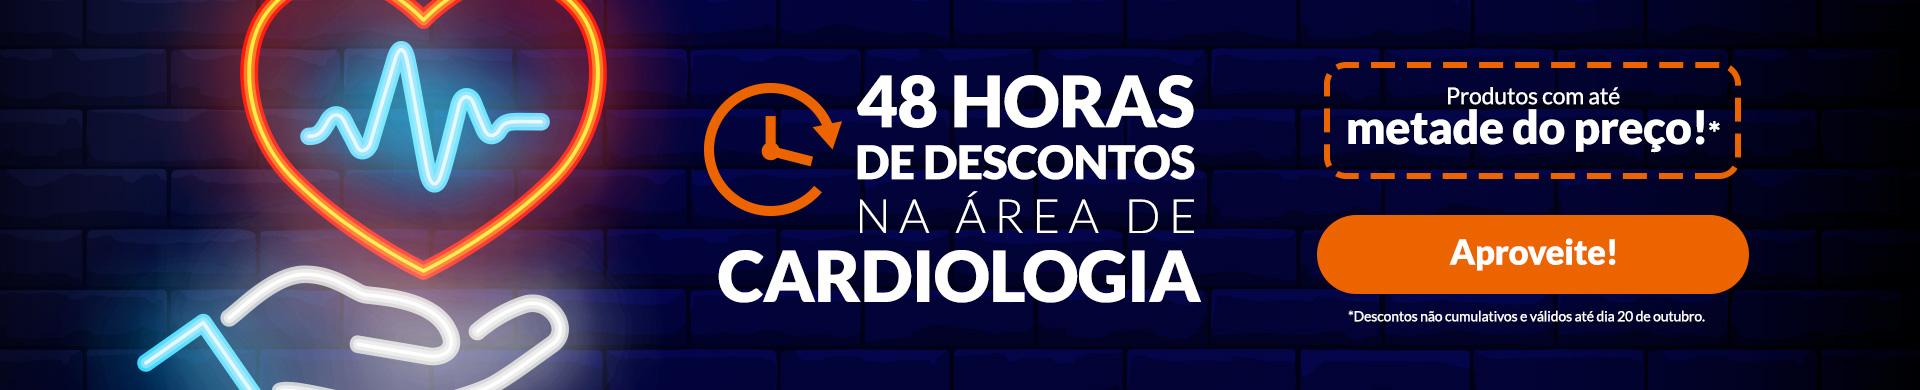 48 Horas Cardiologia